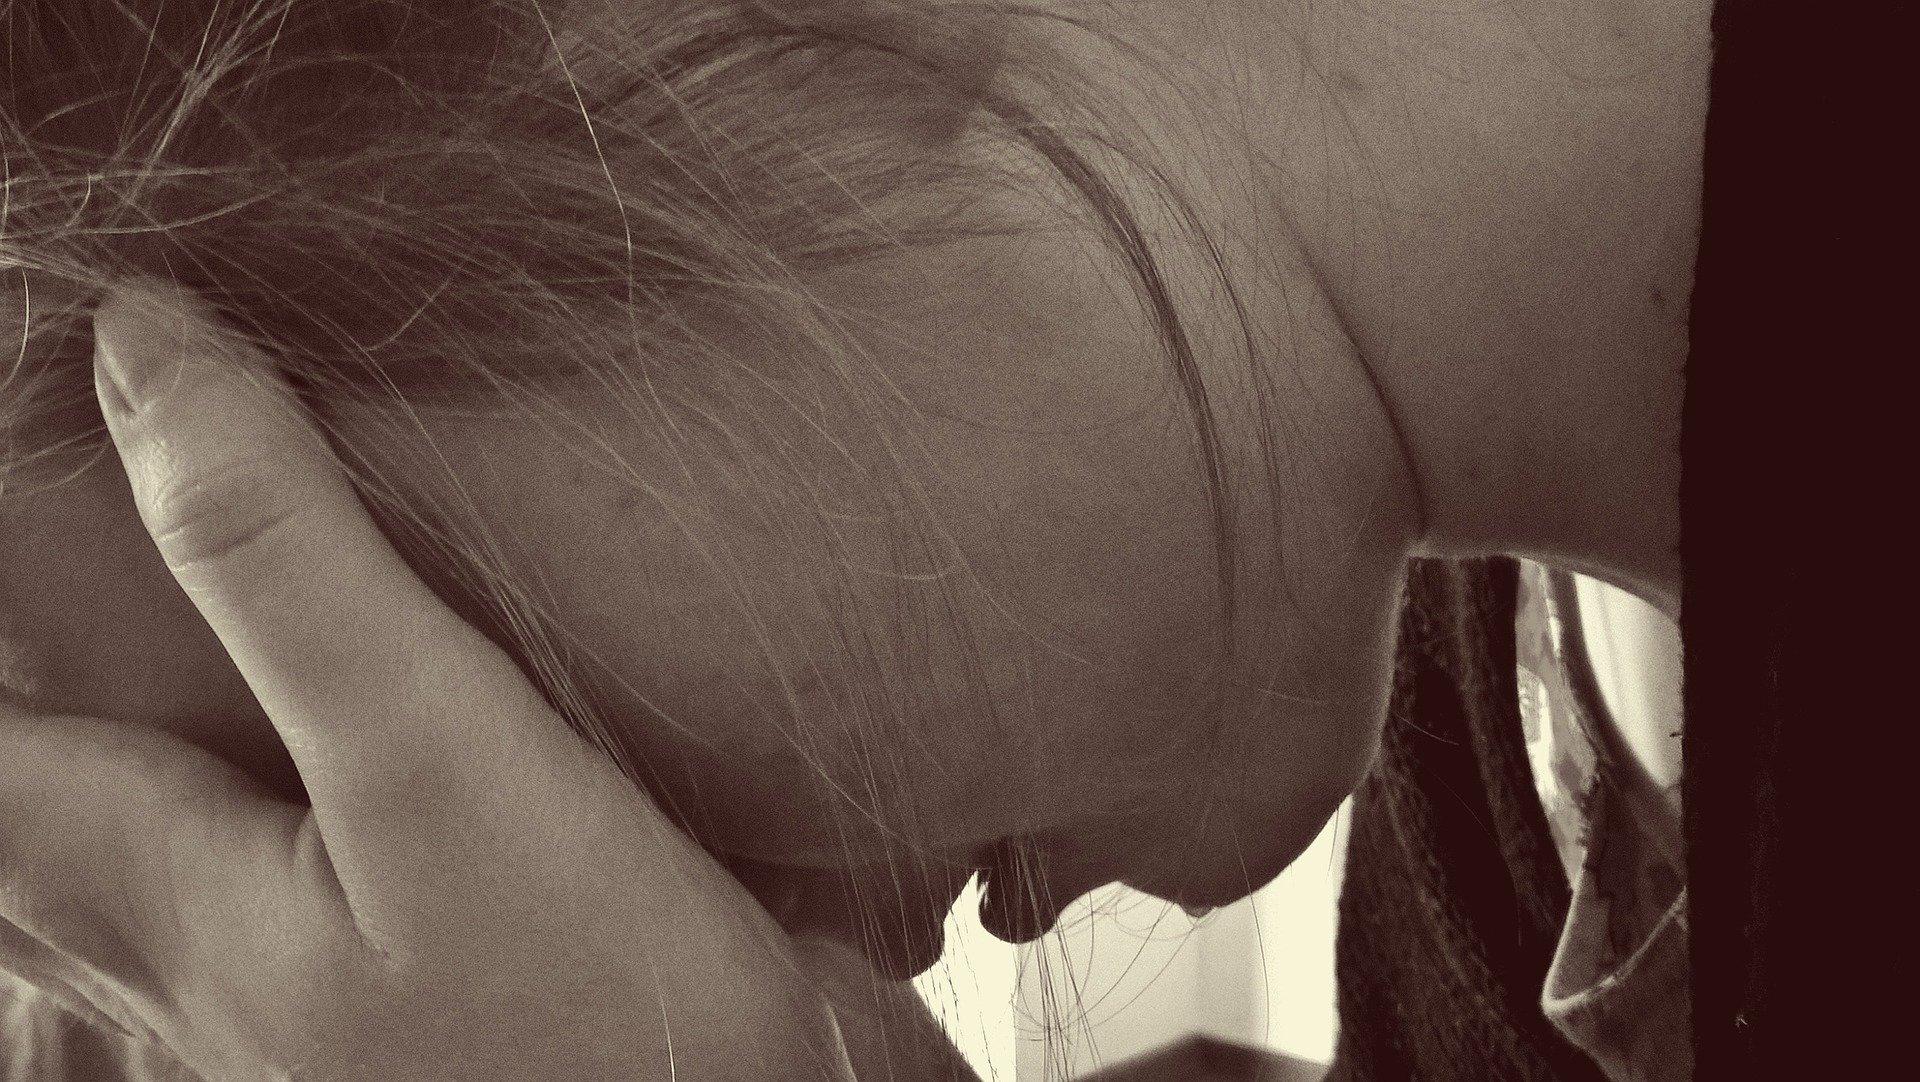 Femme souffrant de dépression : le griffonia peut soulager le stress et les états dépressifs.